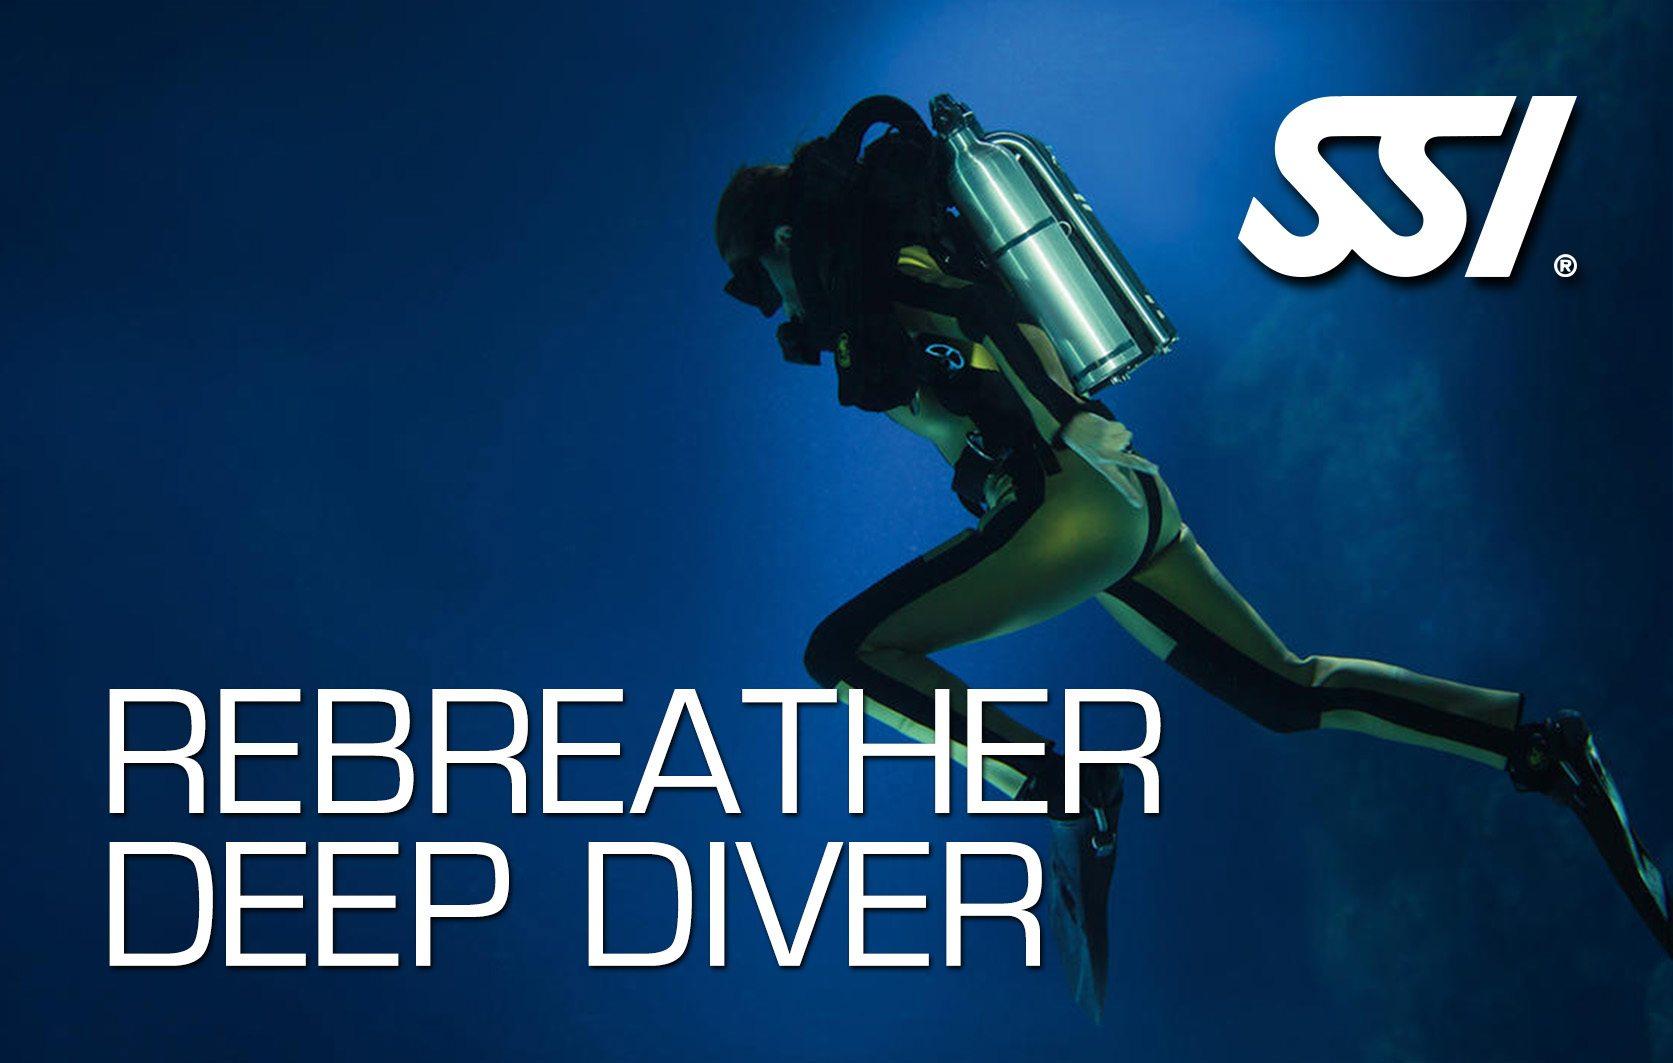 SSI Rebreather Deep Diver | SSI Rebreather Deep Diver | Rebreather Deep Diver | Diving Course